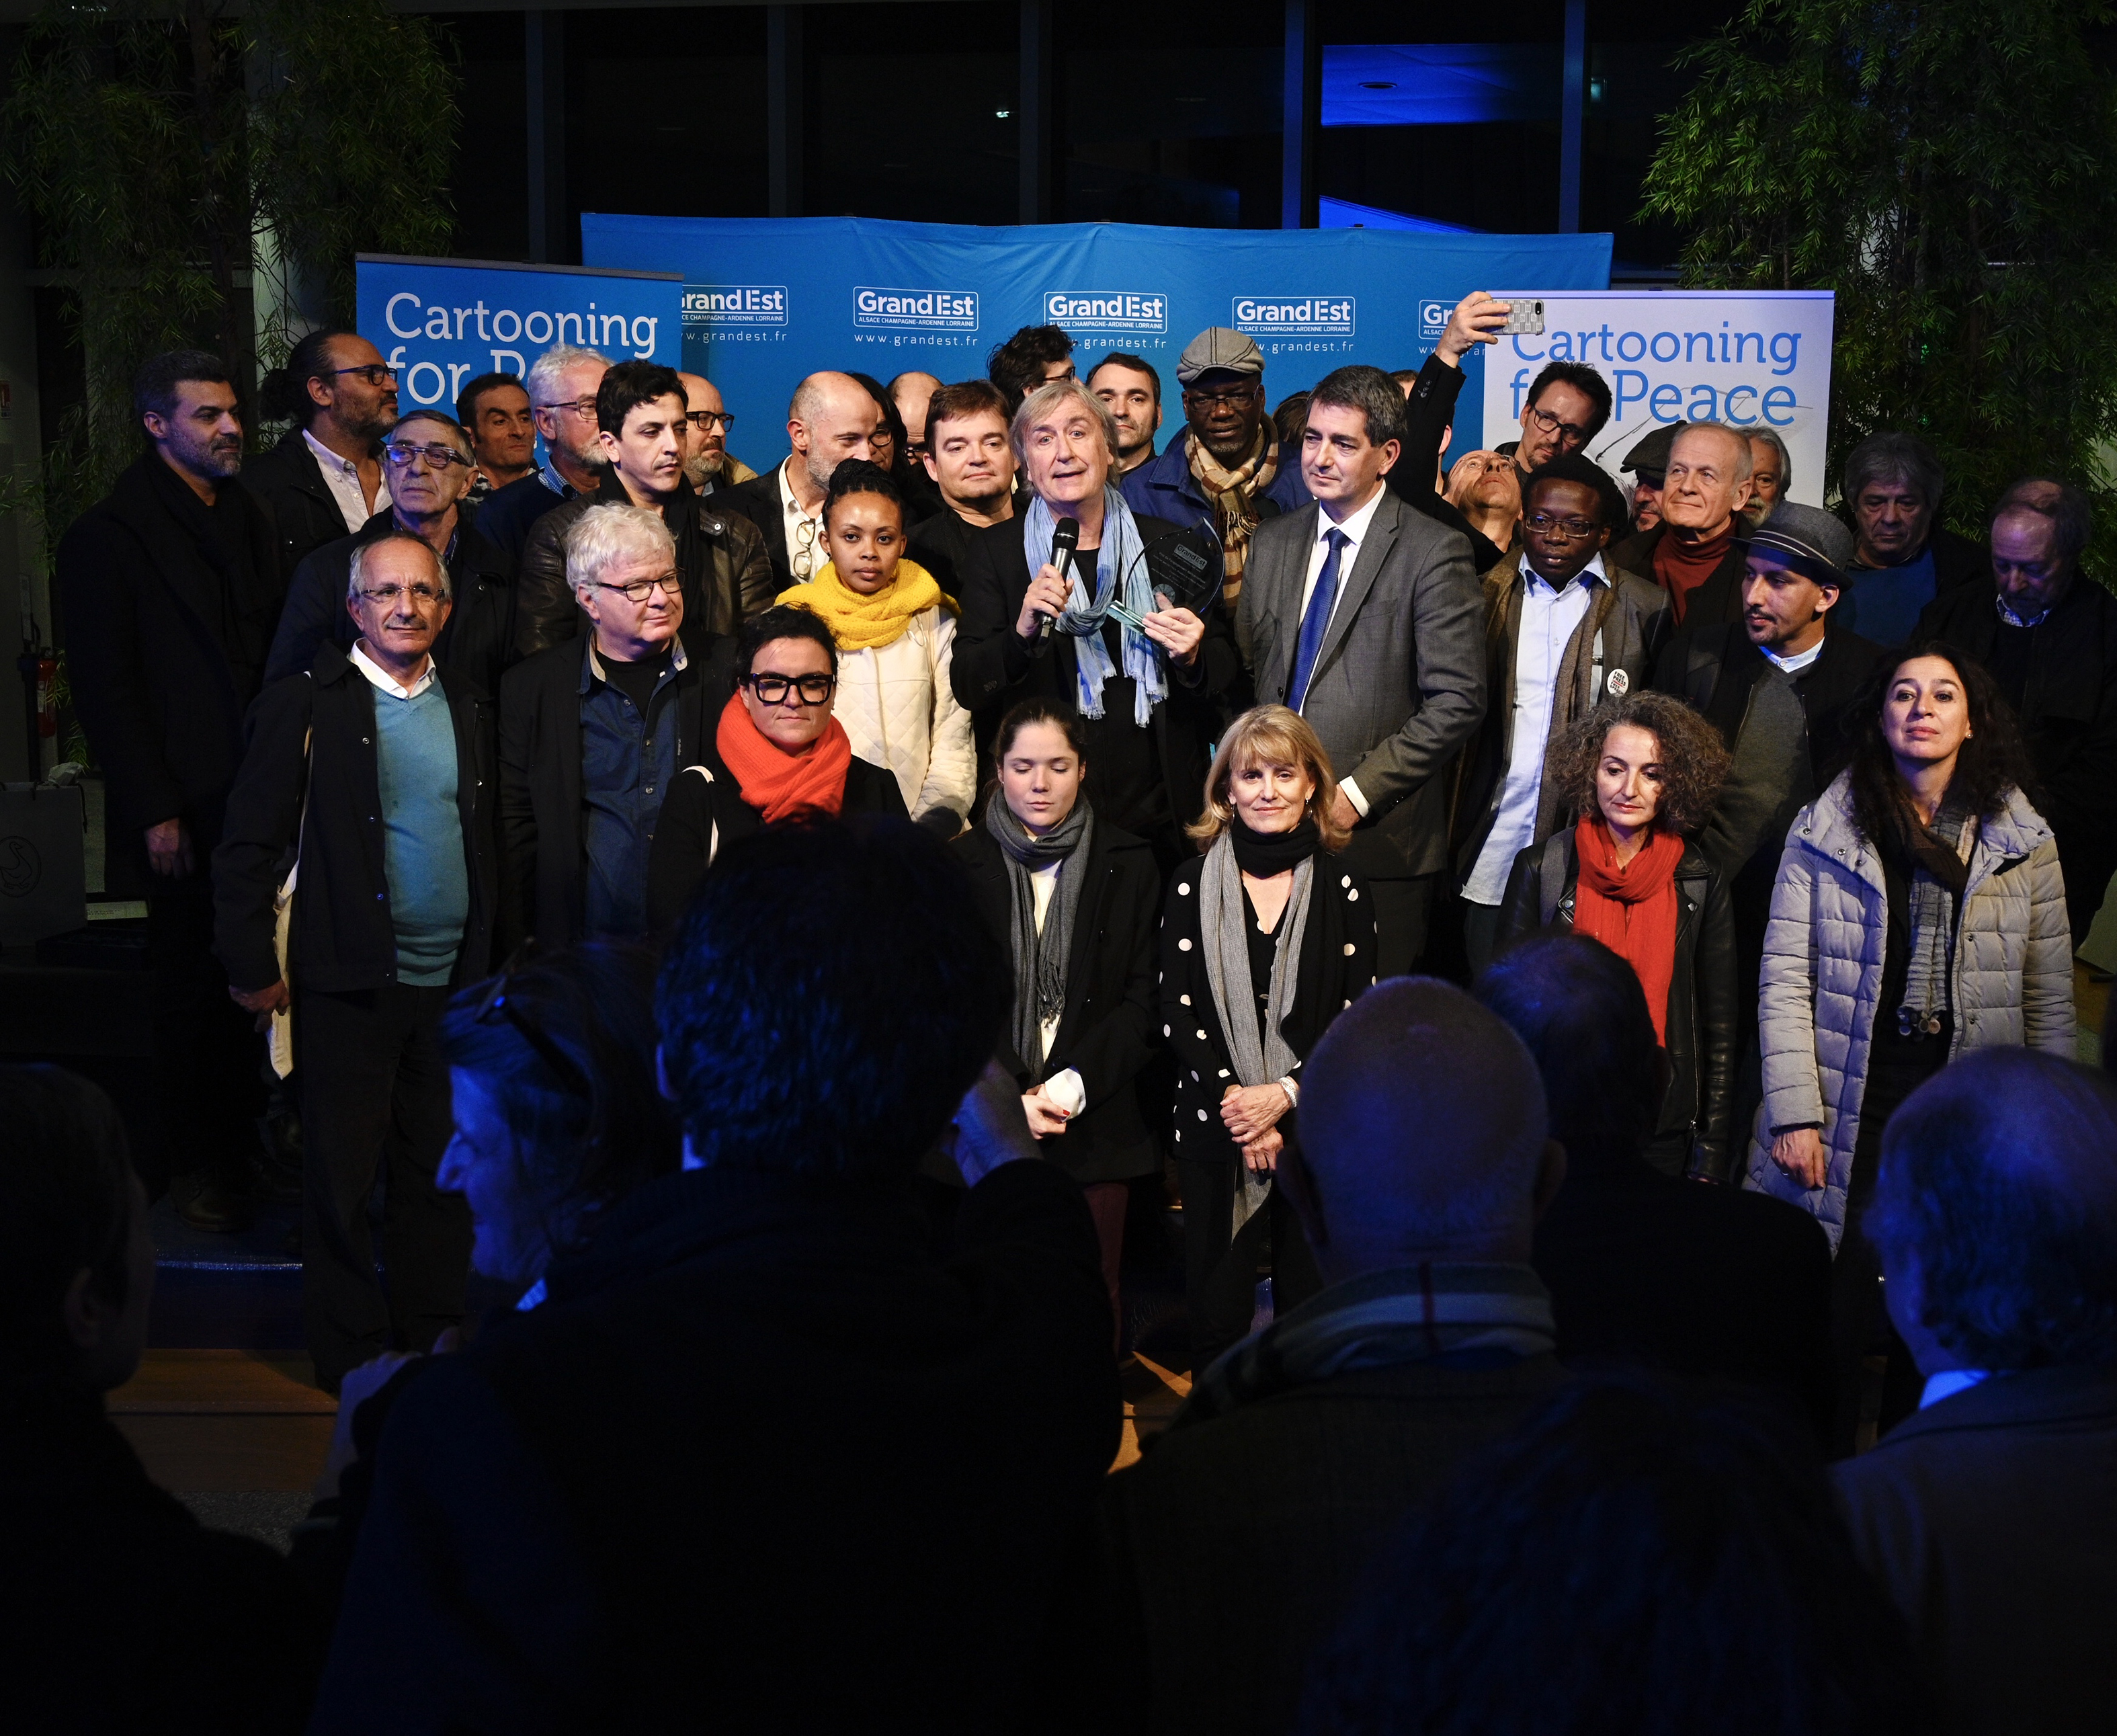 Remise du Prix de l'engagement démocratique par Jean Rottner, président de la région Grand Est, à Plantu (France)